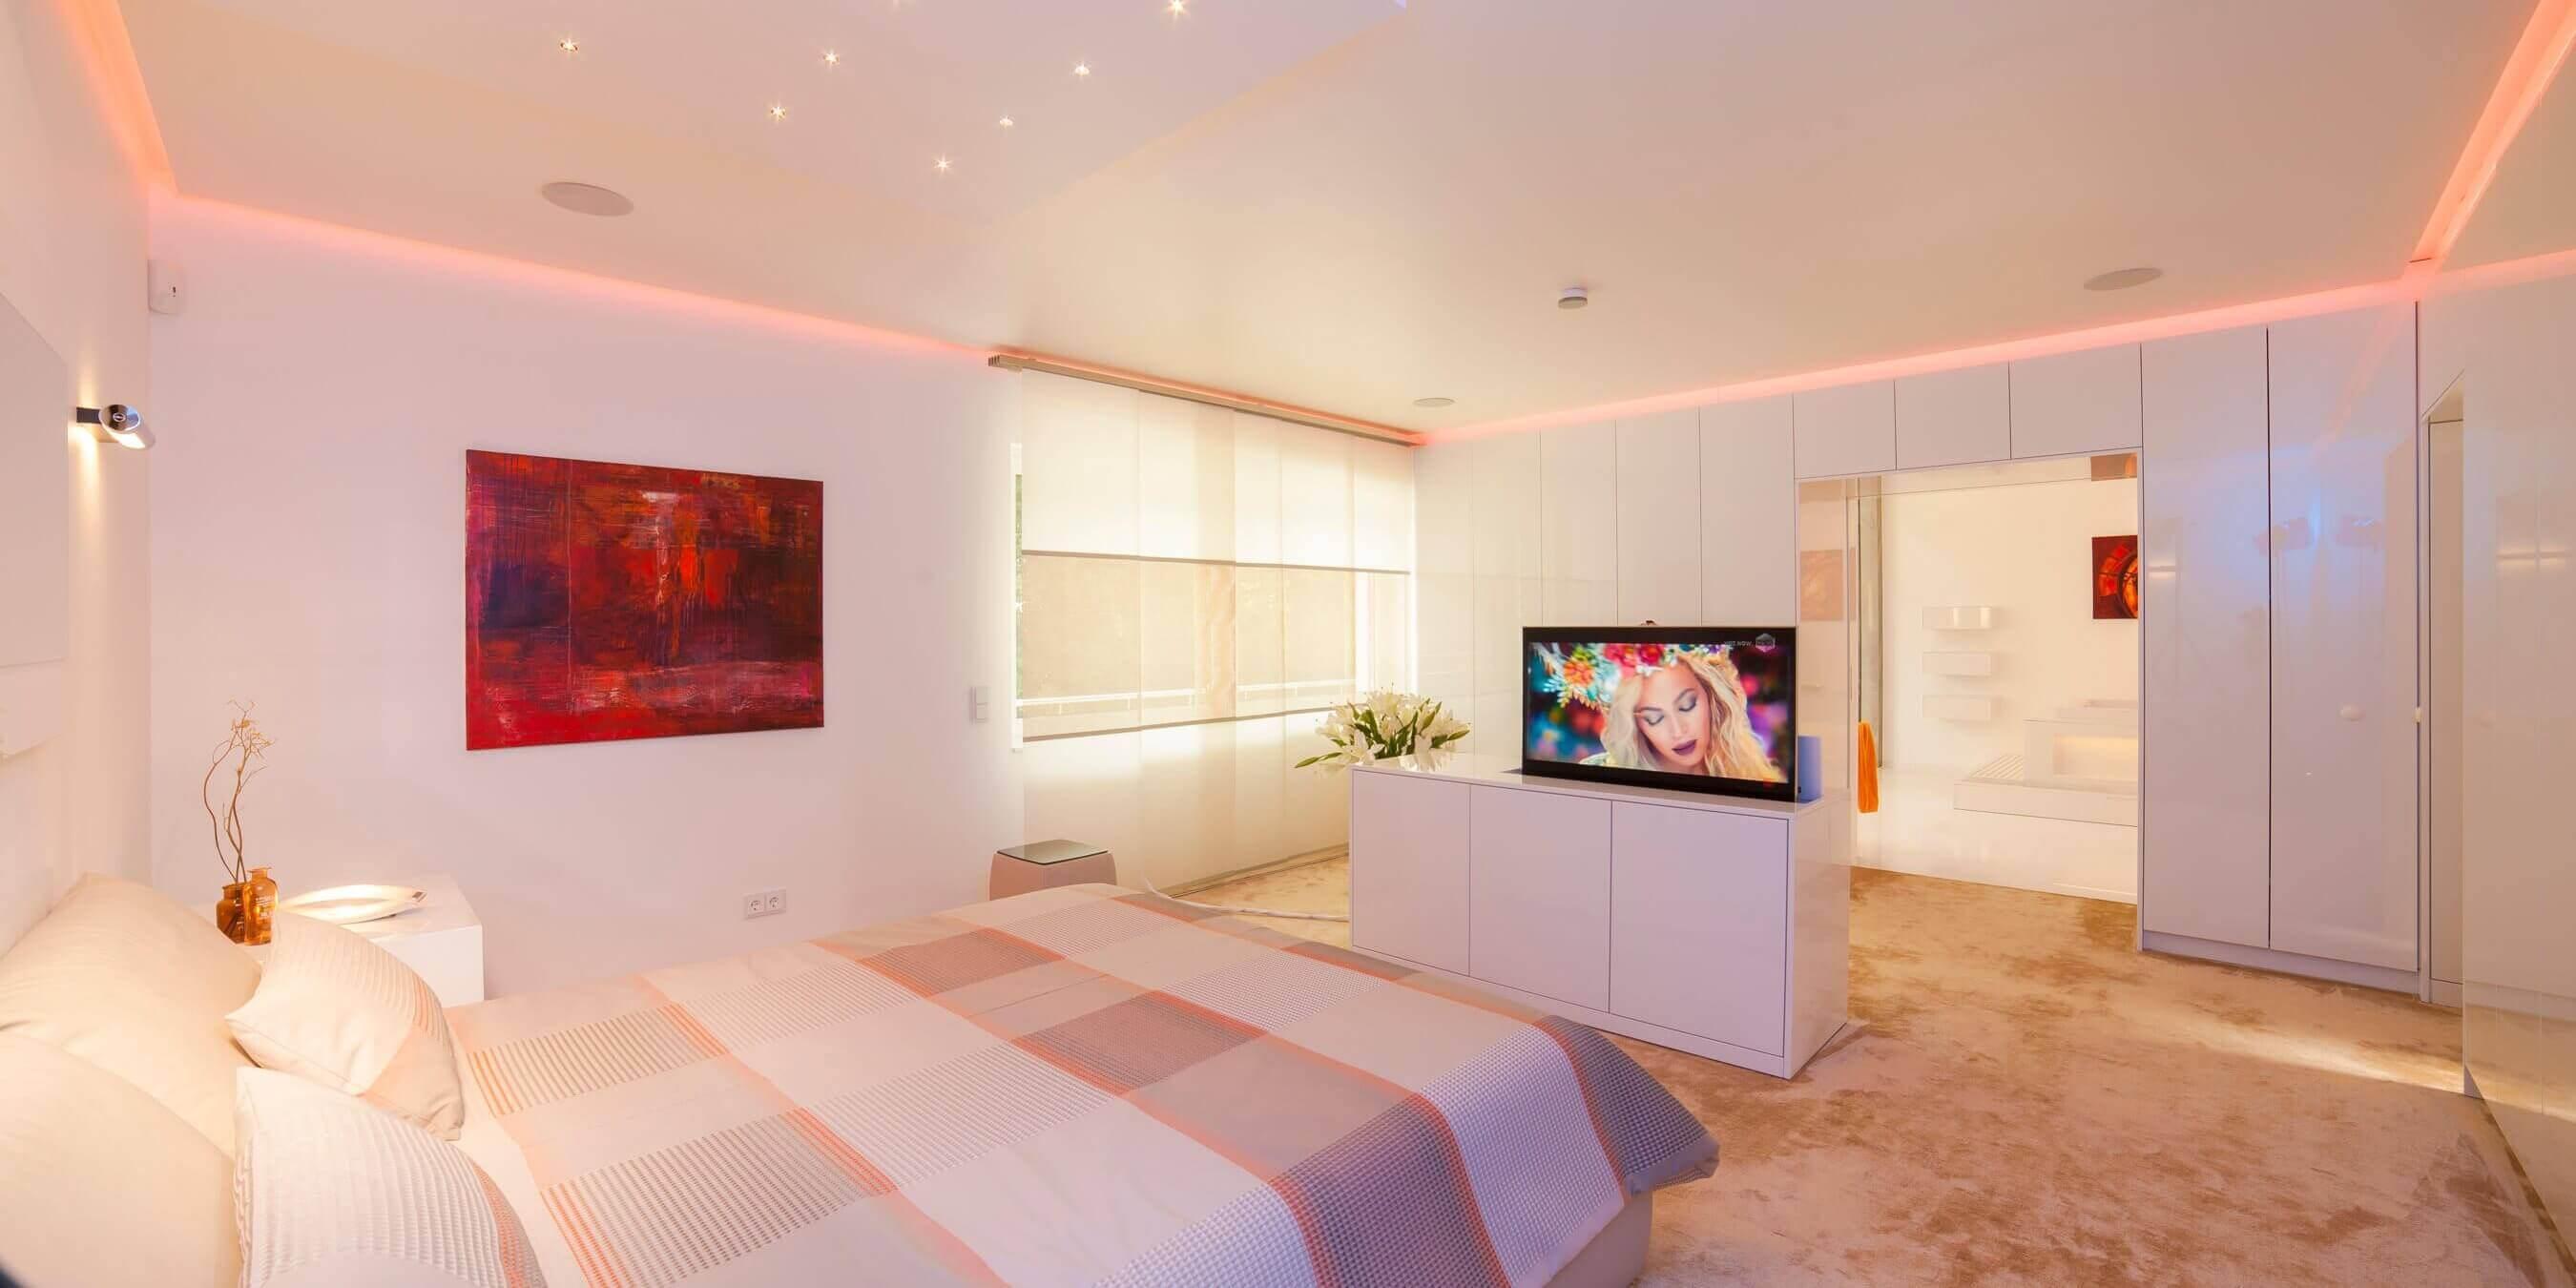 Moderne Schlafzimmer: Oasen der Ruhe 2.0 Bad Honnef Weihnachtsshopping KEIN verkaufsoffener Sonntag